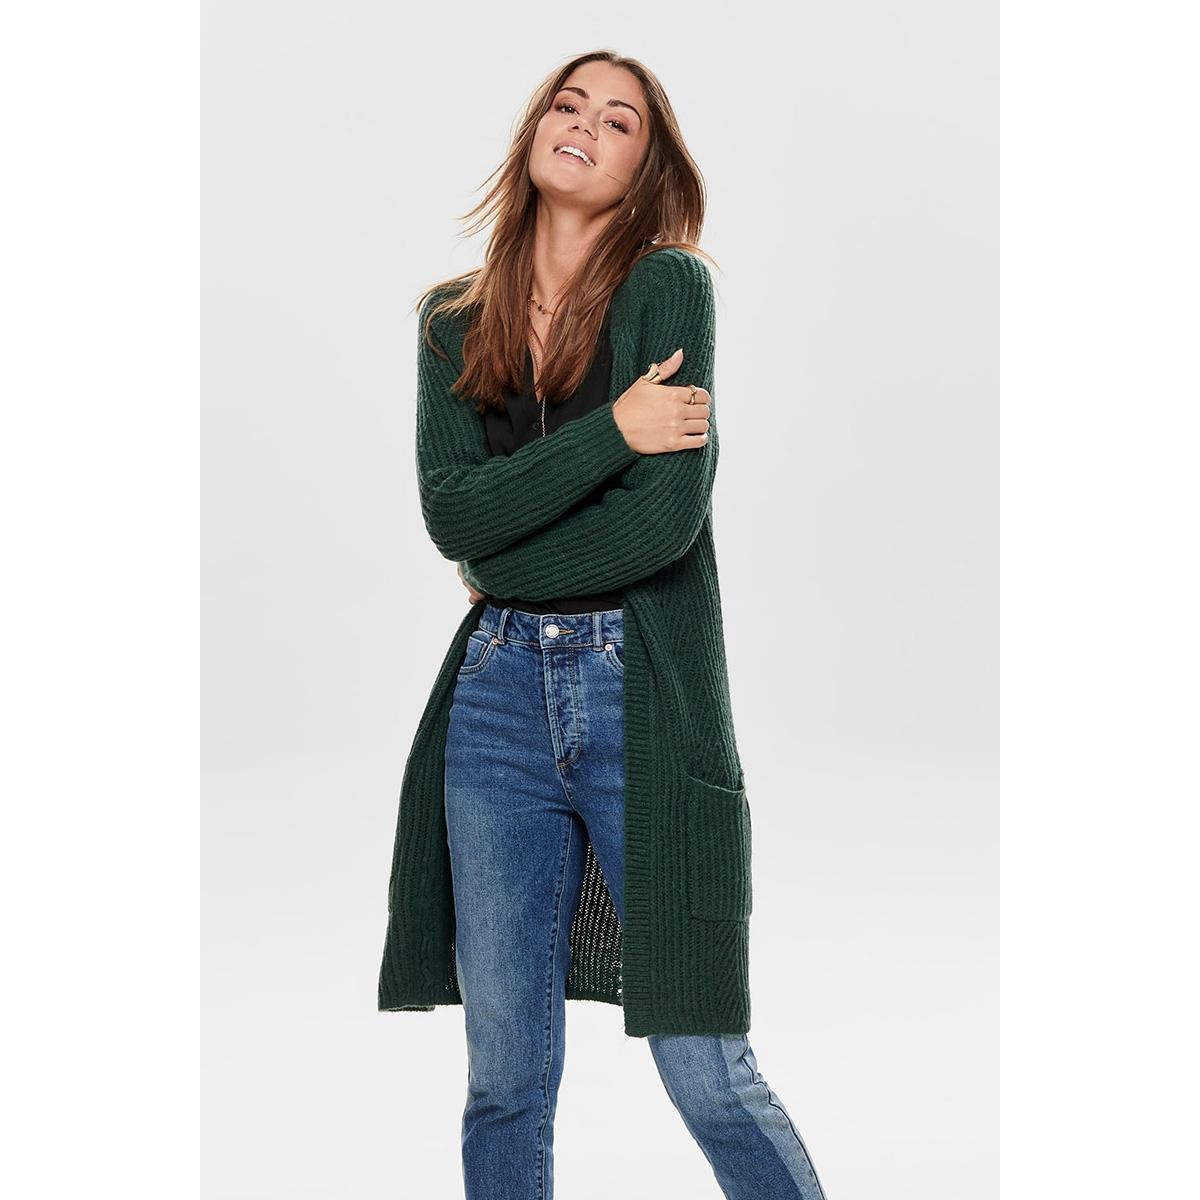 onlbernice l/s cardigan knt noos 15165076 only vest green gables/black mela